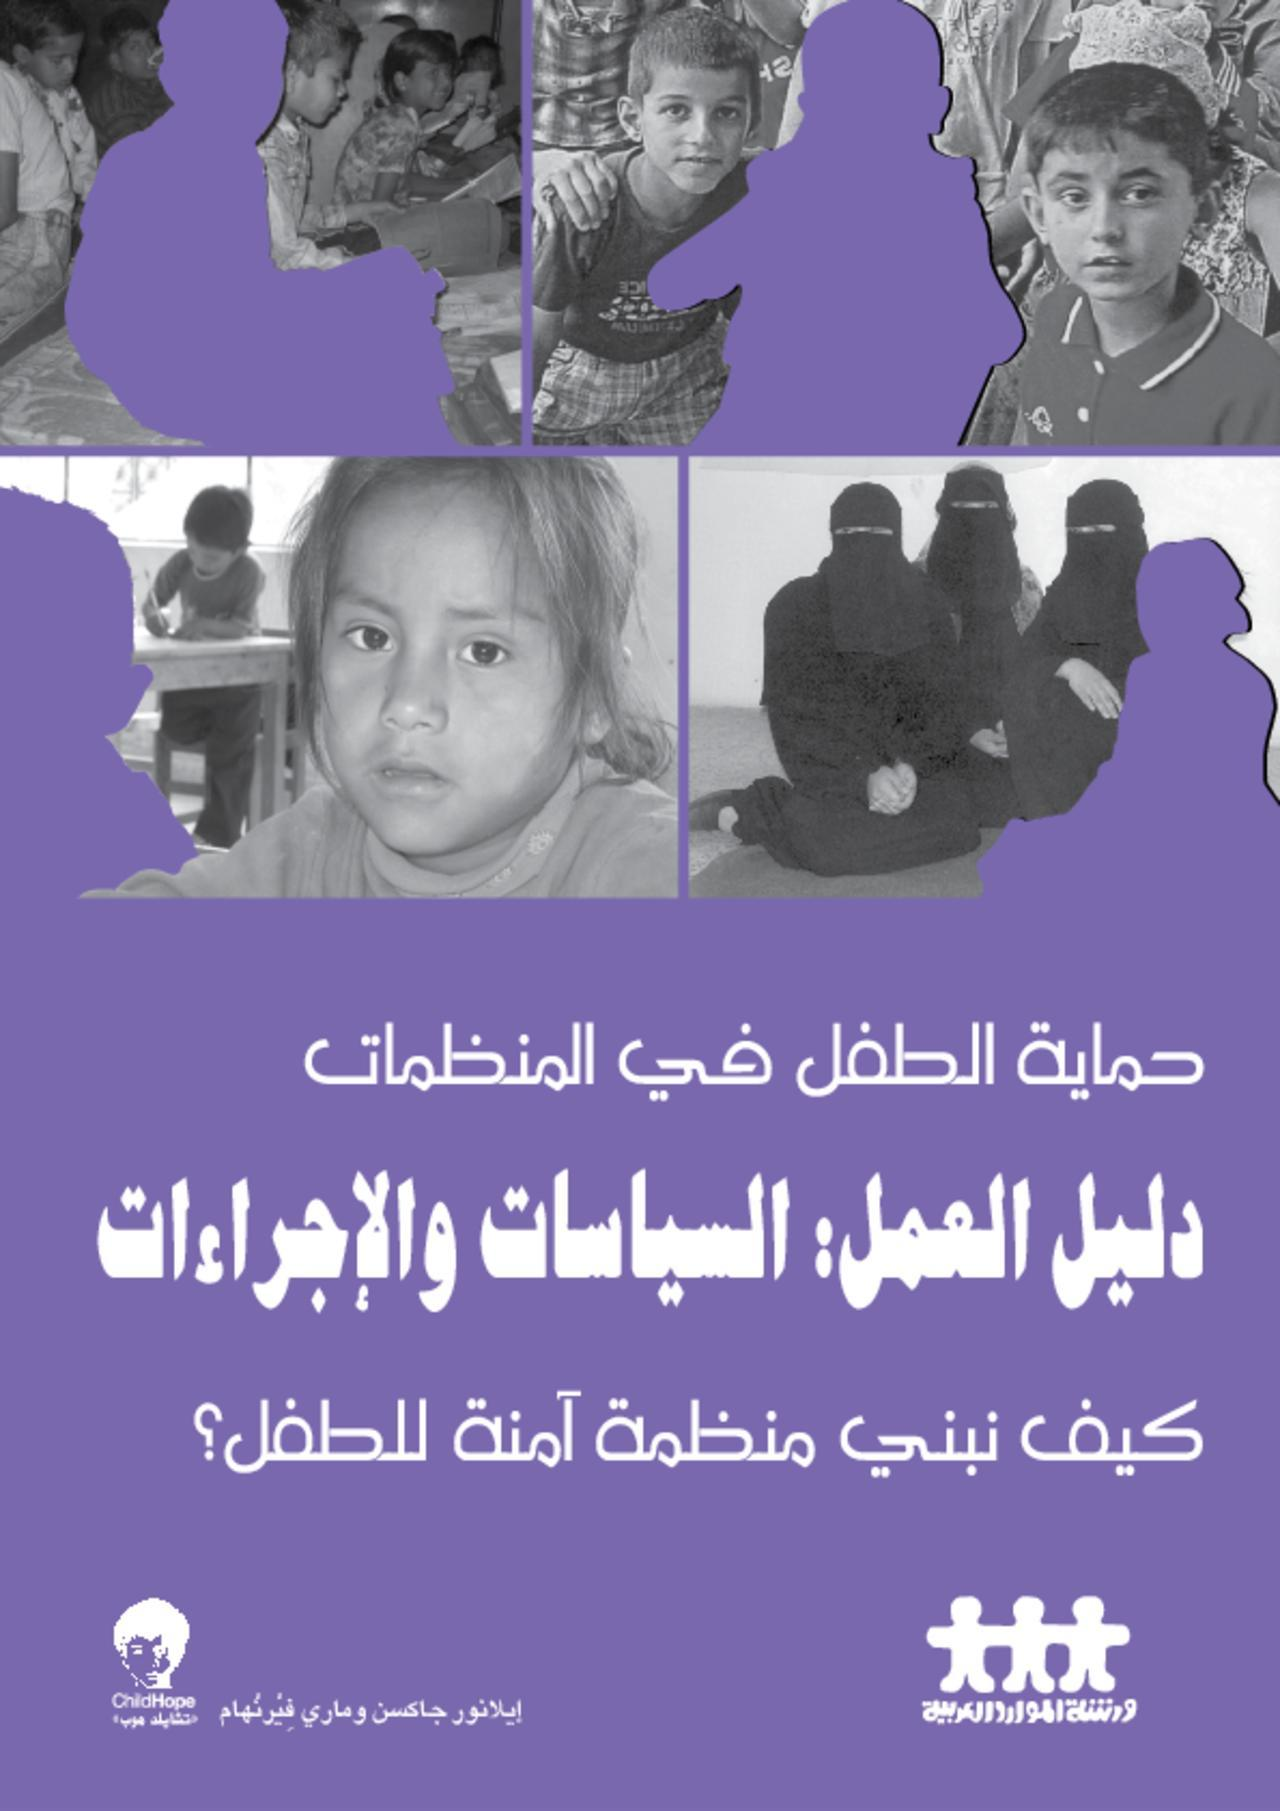 """حماية الأطفال في المنظمات """"كيف تبني منظمة آمنة للطفل"""""""